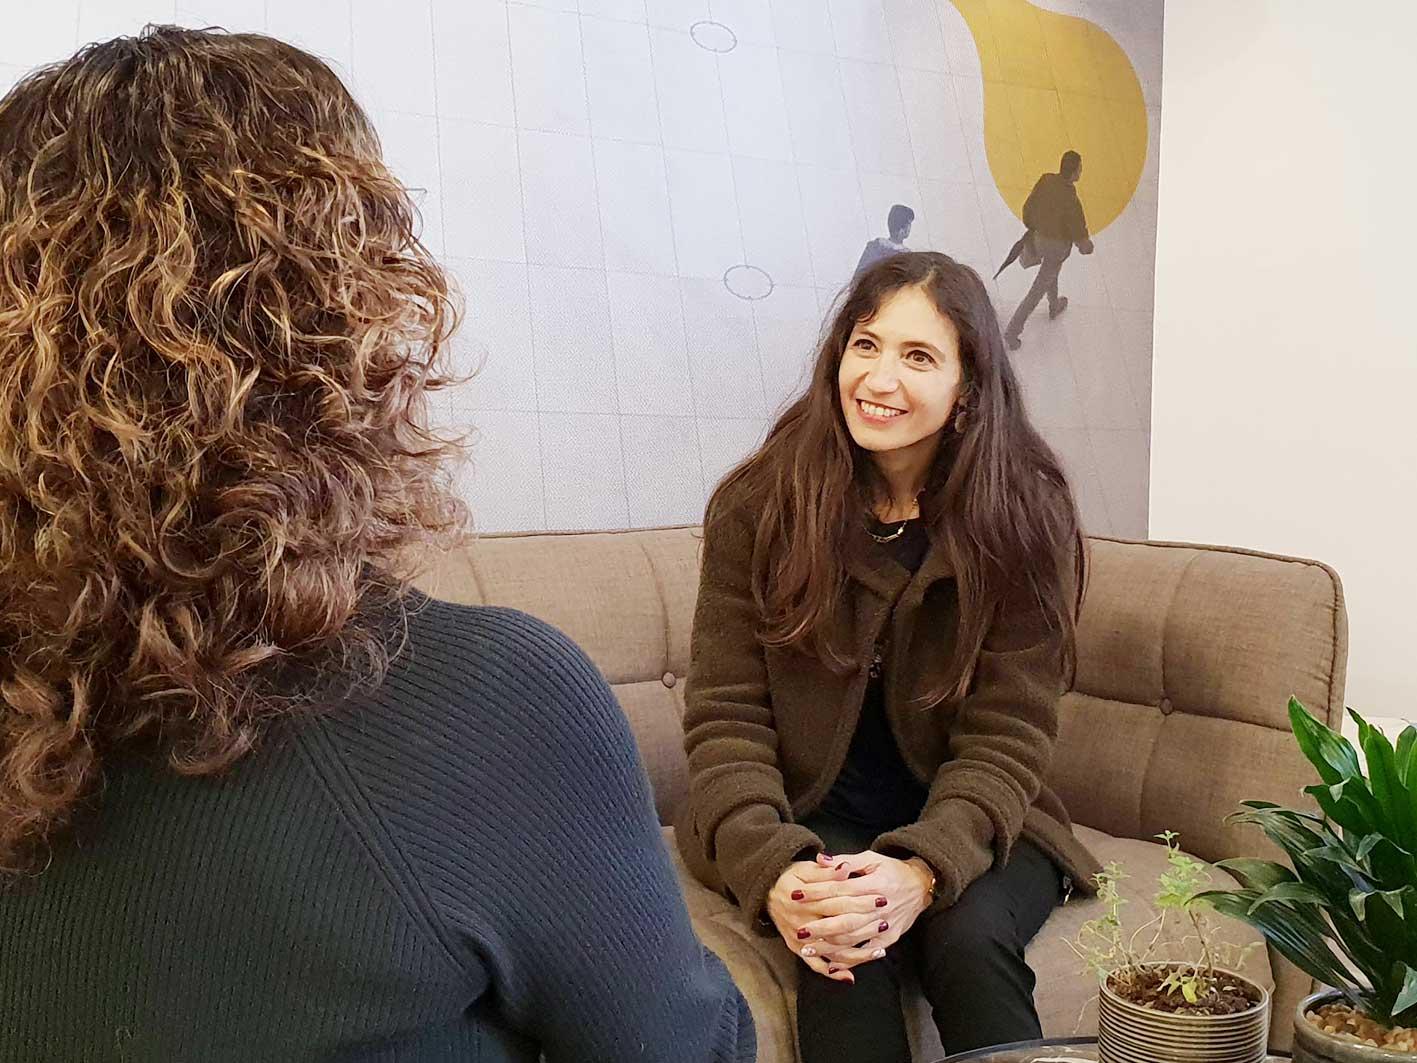 אימון אישי | שולי זלצמן ביטון | מאמנת אישית בירושלים